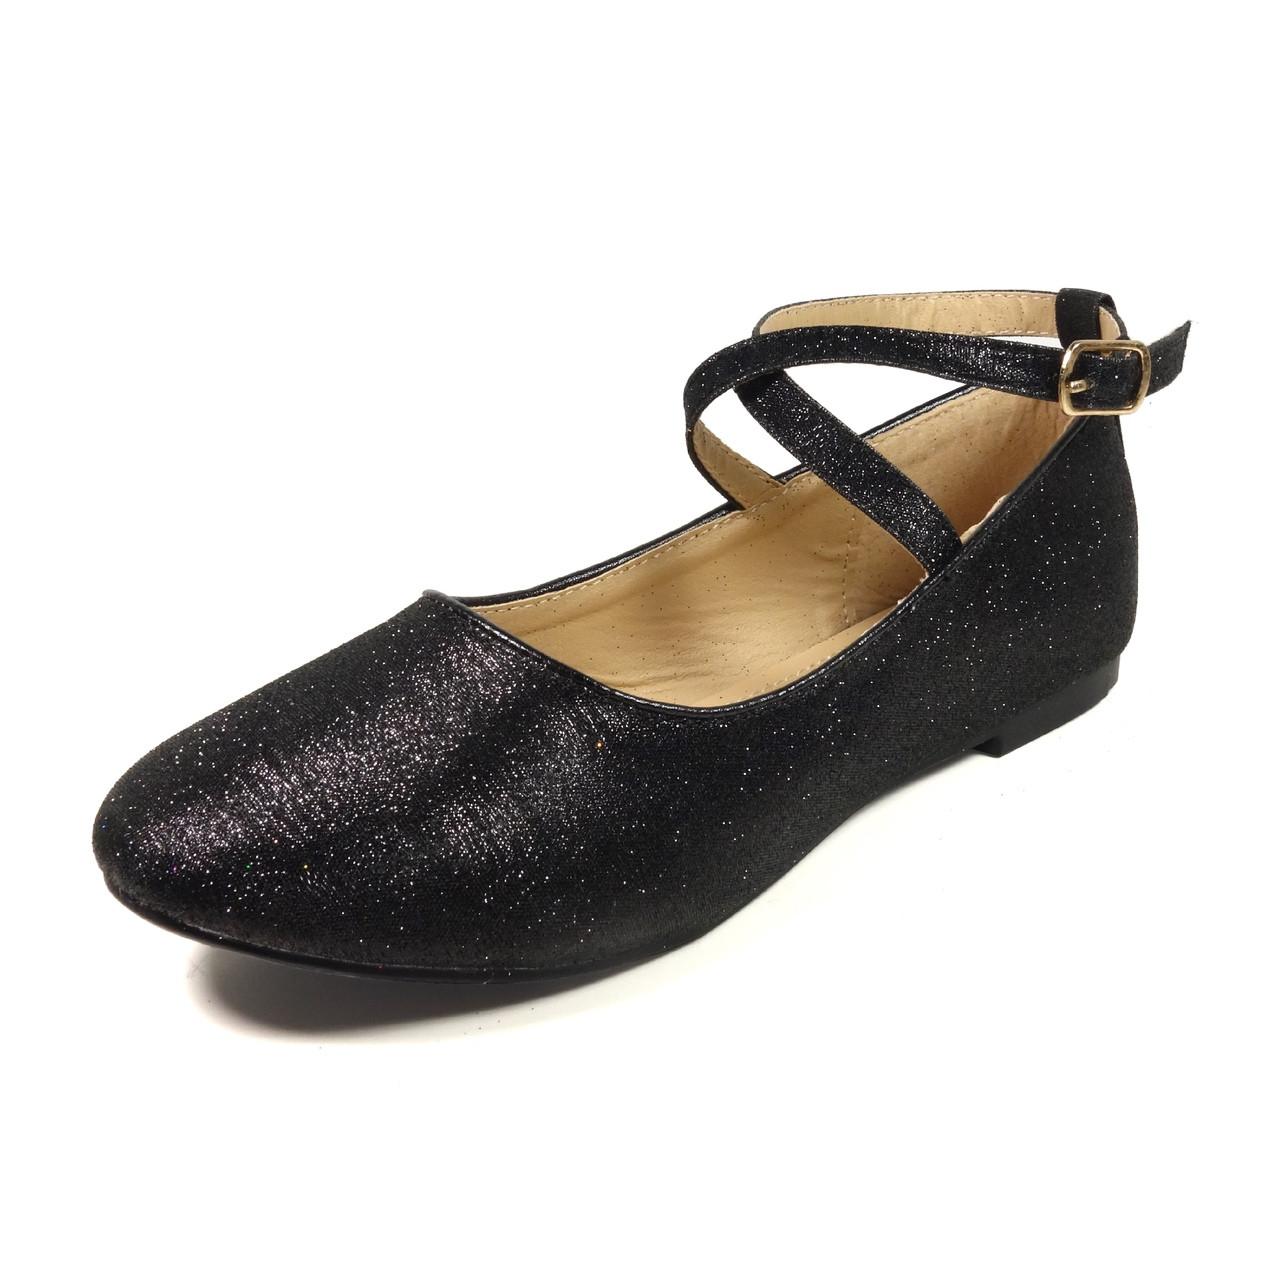 77f049e1d012 ... Nova Utopia Toddler Little Girls Flat Shoes - NFGF041 Black Glitter.  Loading zoom